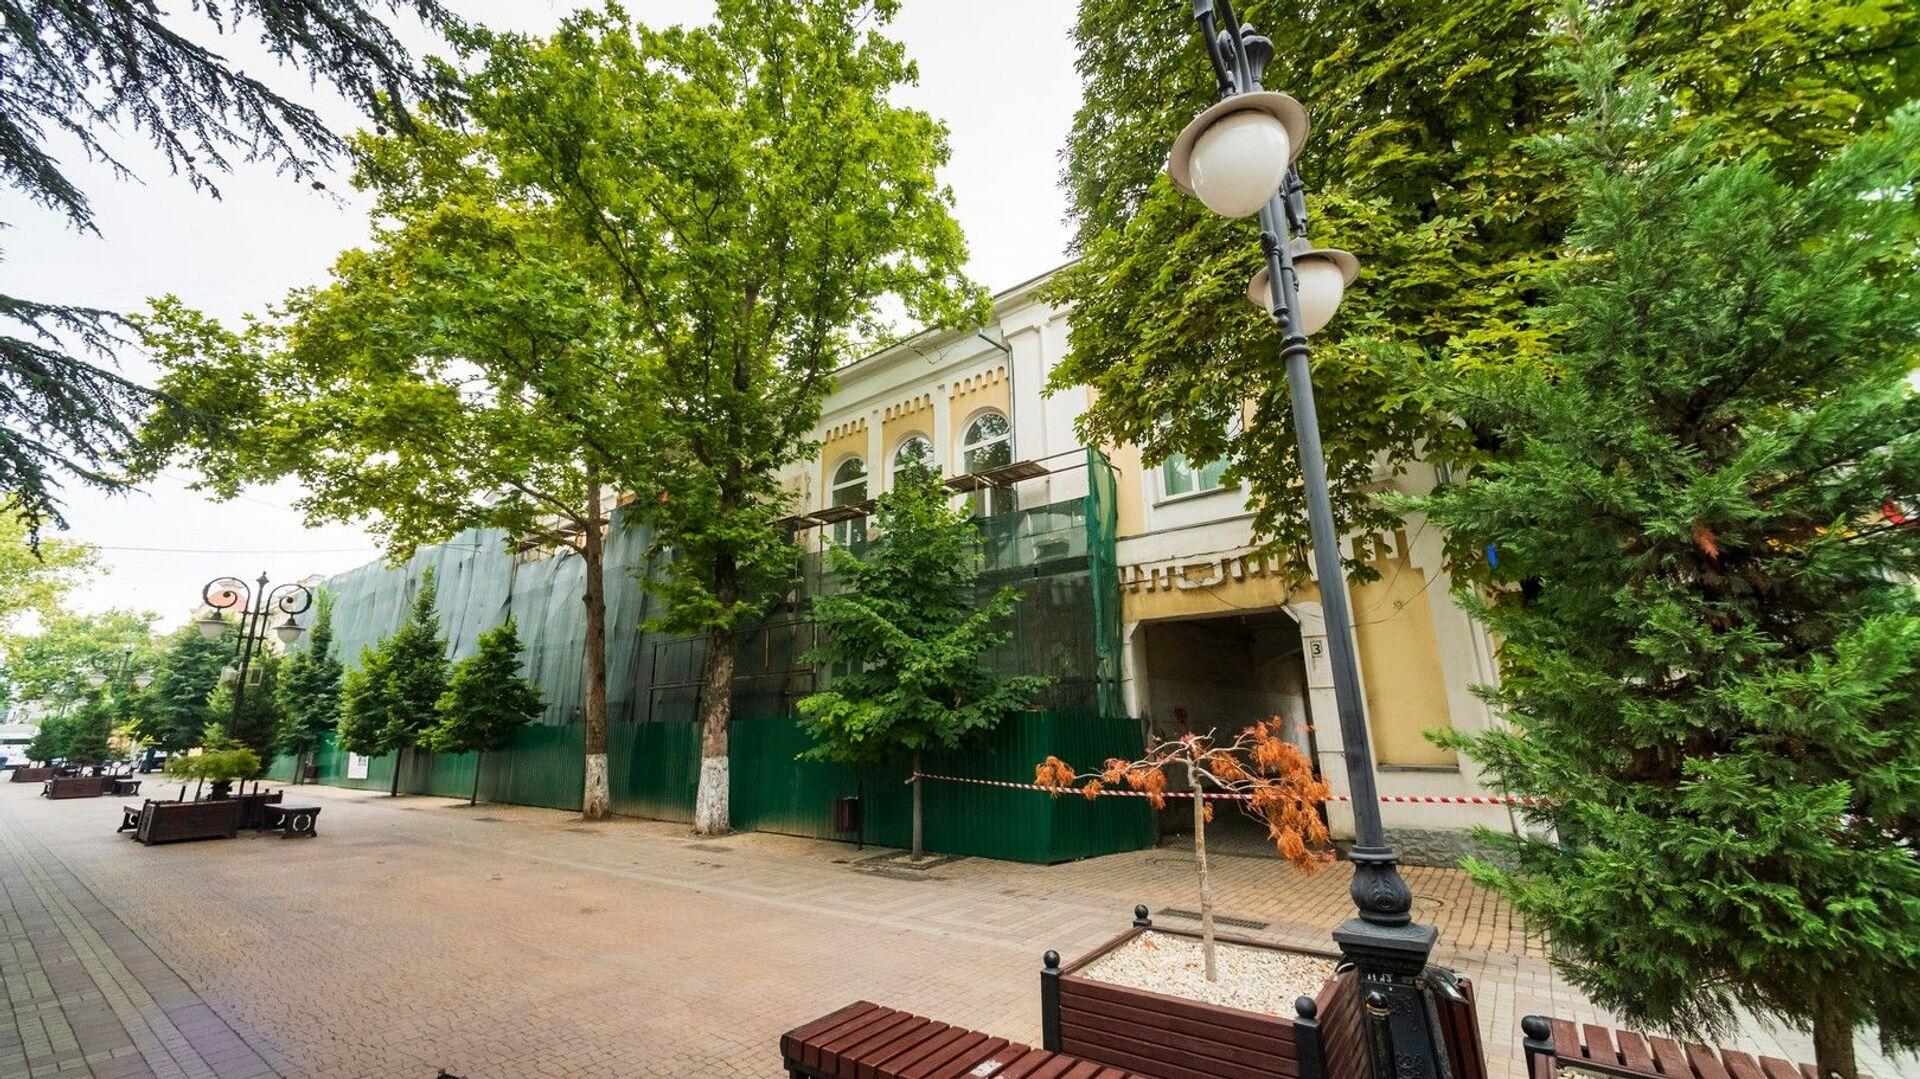 В Симферополе обрушилась стена здания Крымской государственной филармонии - РИА Новости, 1920, 16.08.2021